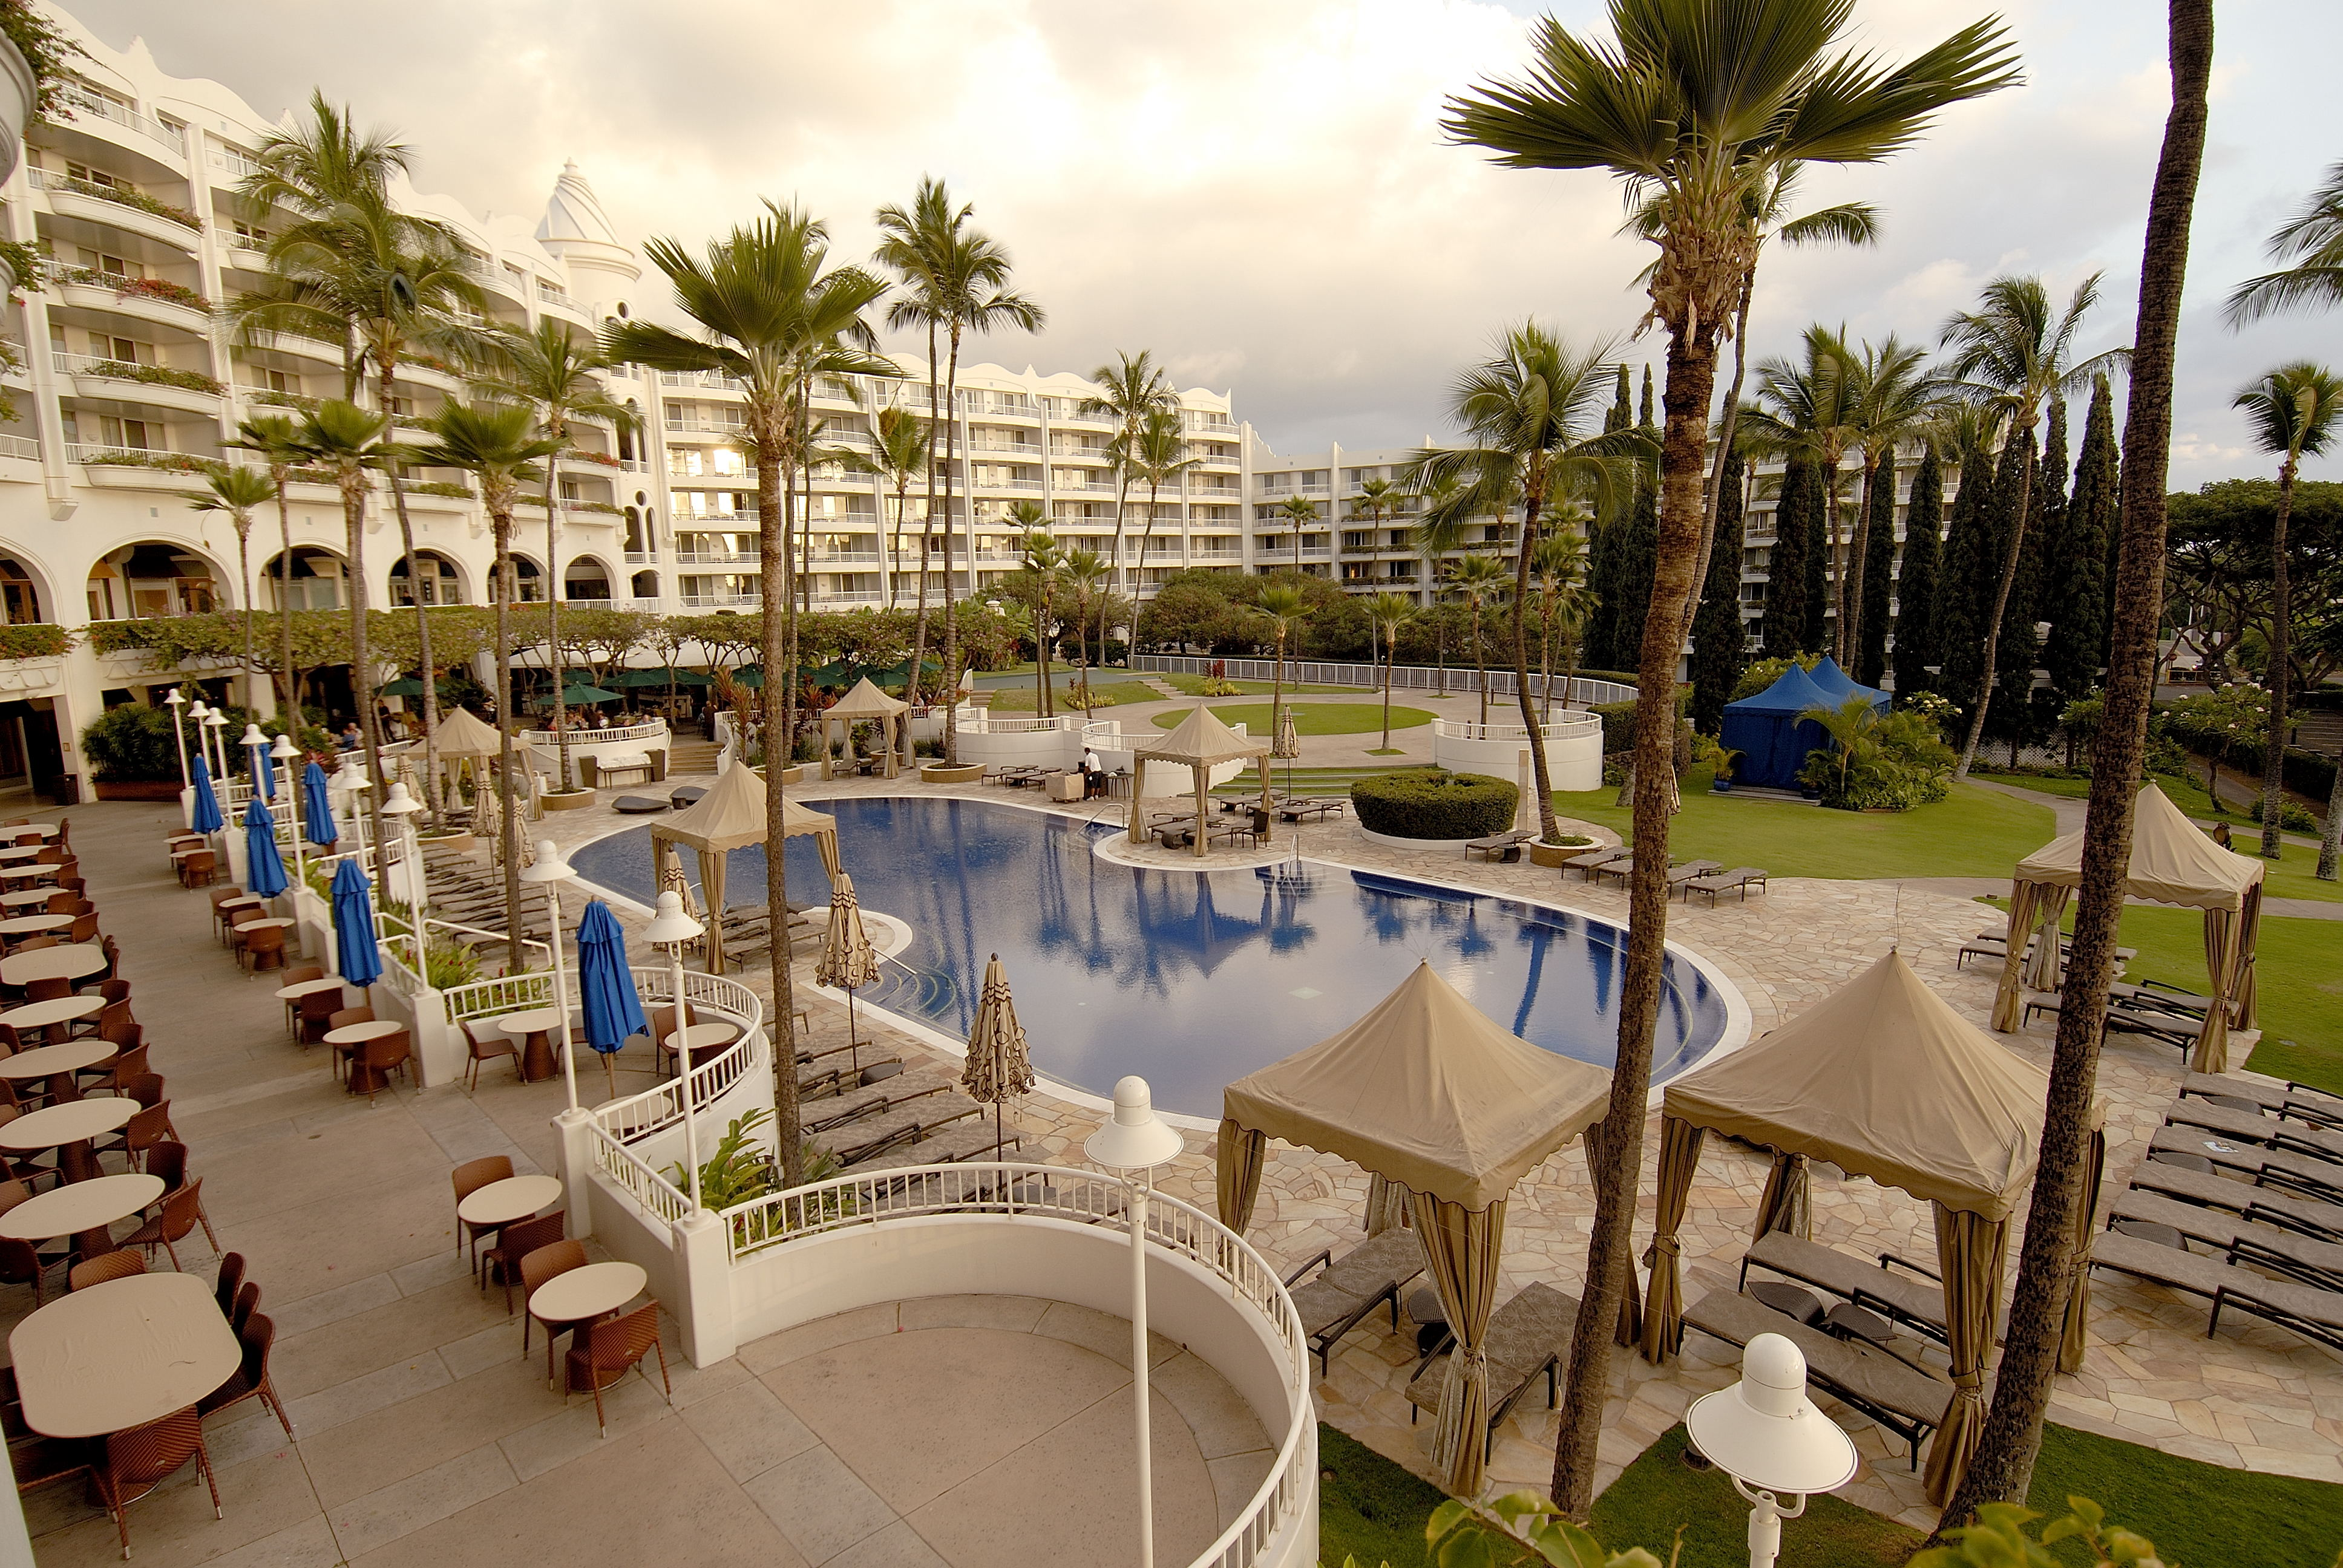 Kea Lani Resort, Maui, Hawaii